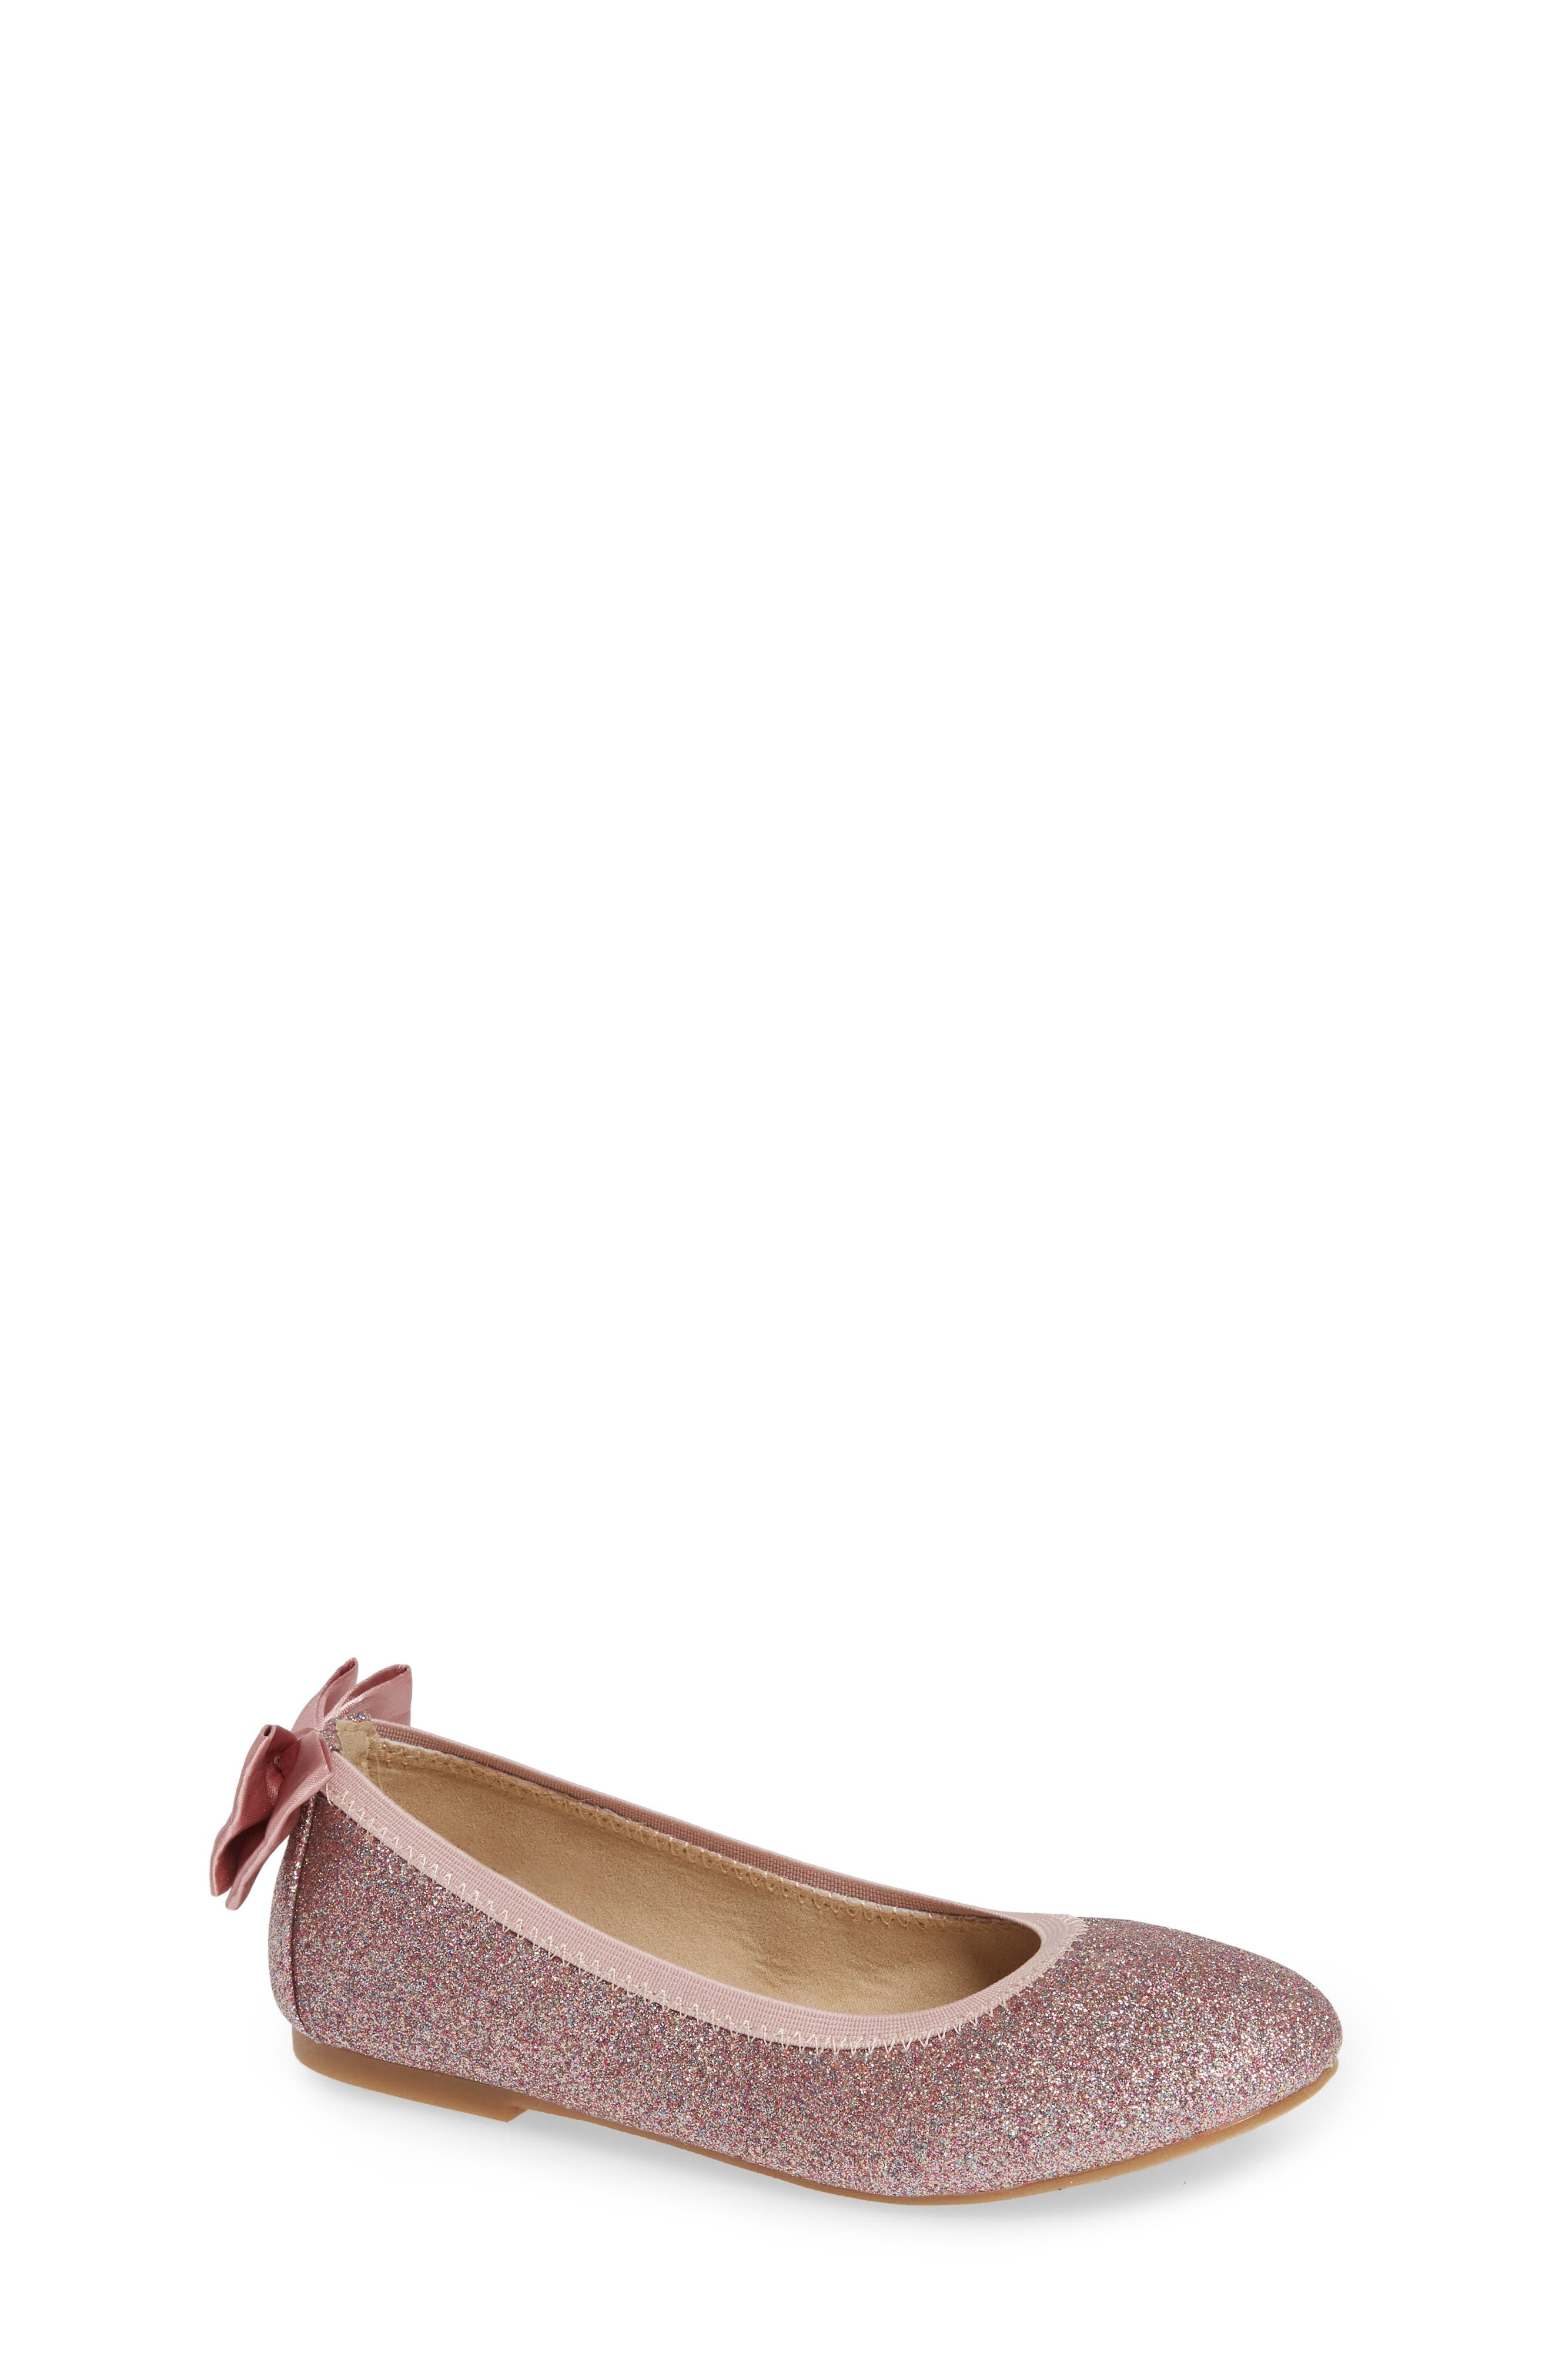 Toddler Girls Sam Edelman Felicia Esmerelda Glitter Ballet Flat Size 12 M  Pink